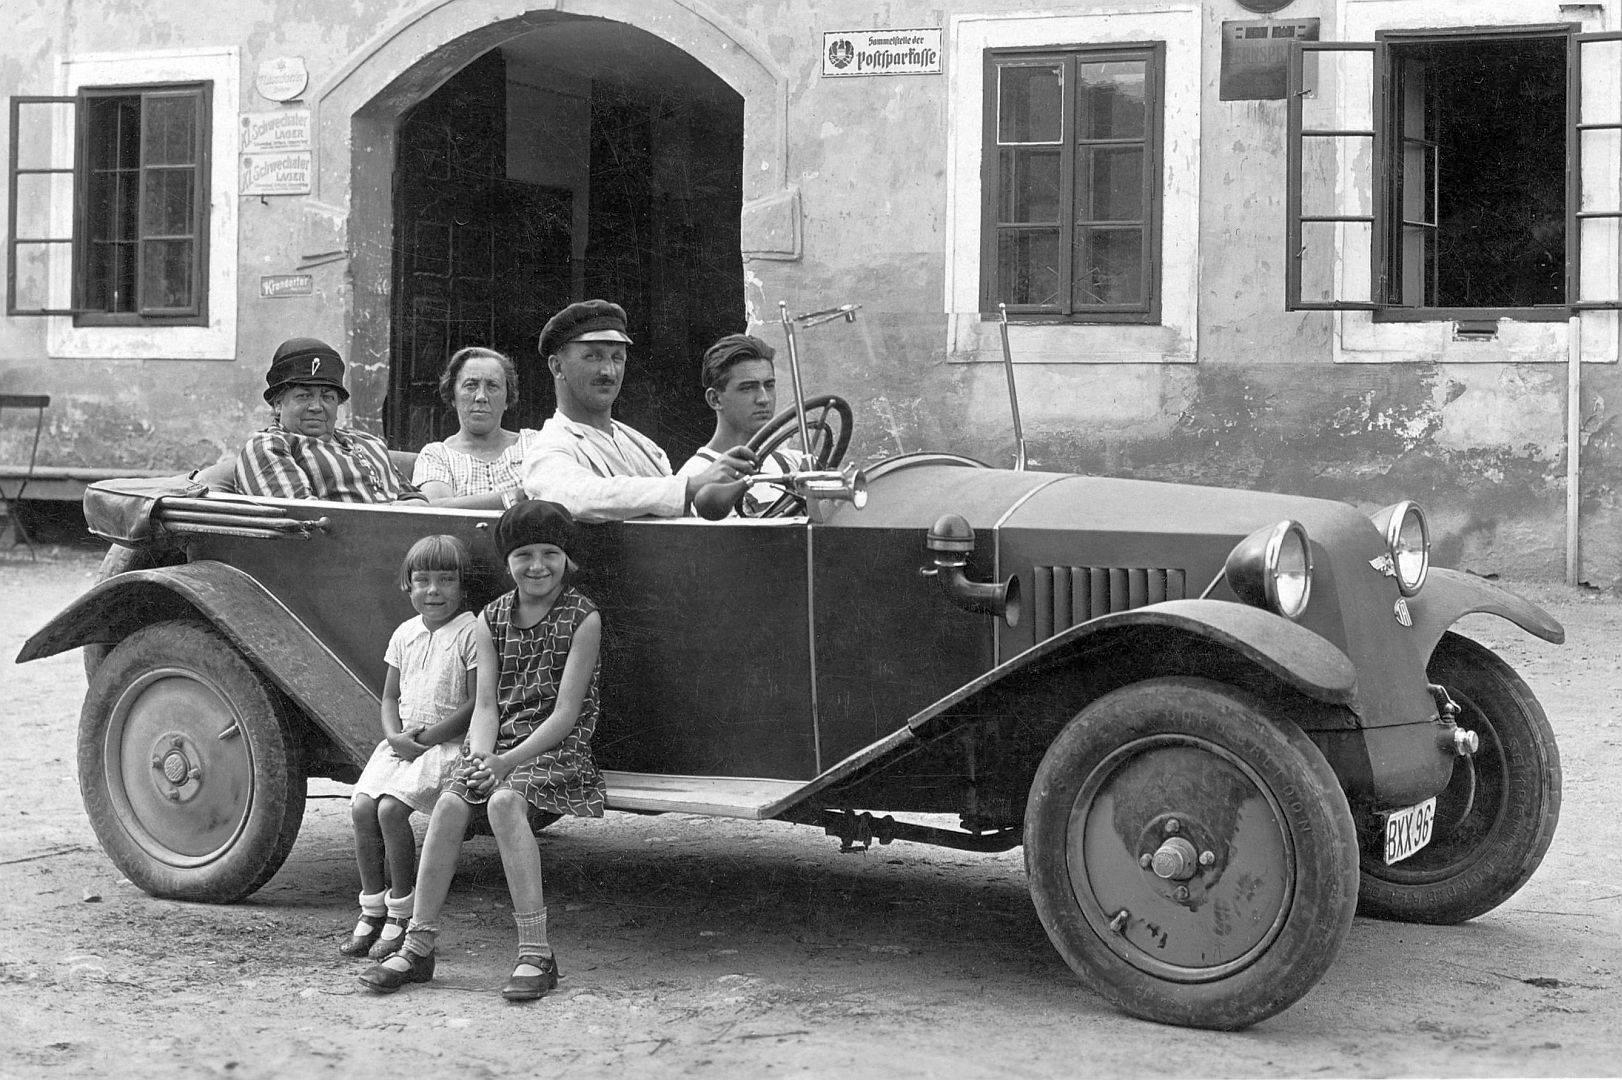 Tatra-Type-12--met-hun-ruggengraatchassis-en-luchtgekoelde-twinmotoren--made-in-CZ-maar-de-foto-is-in-Bohemen-genomen--